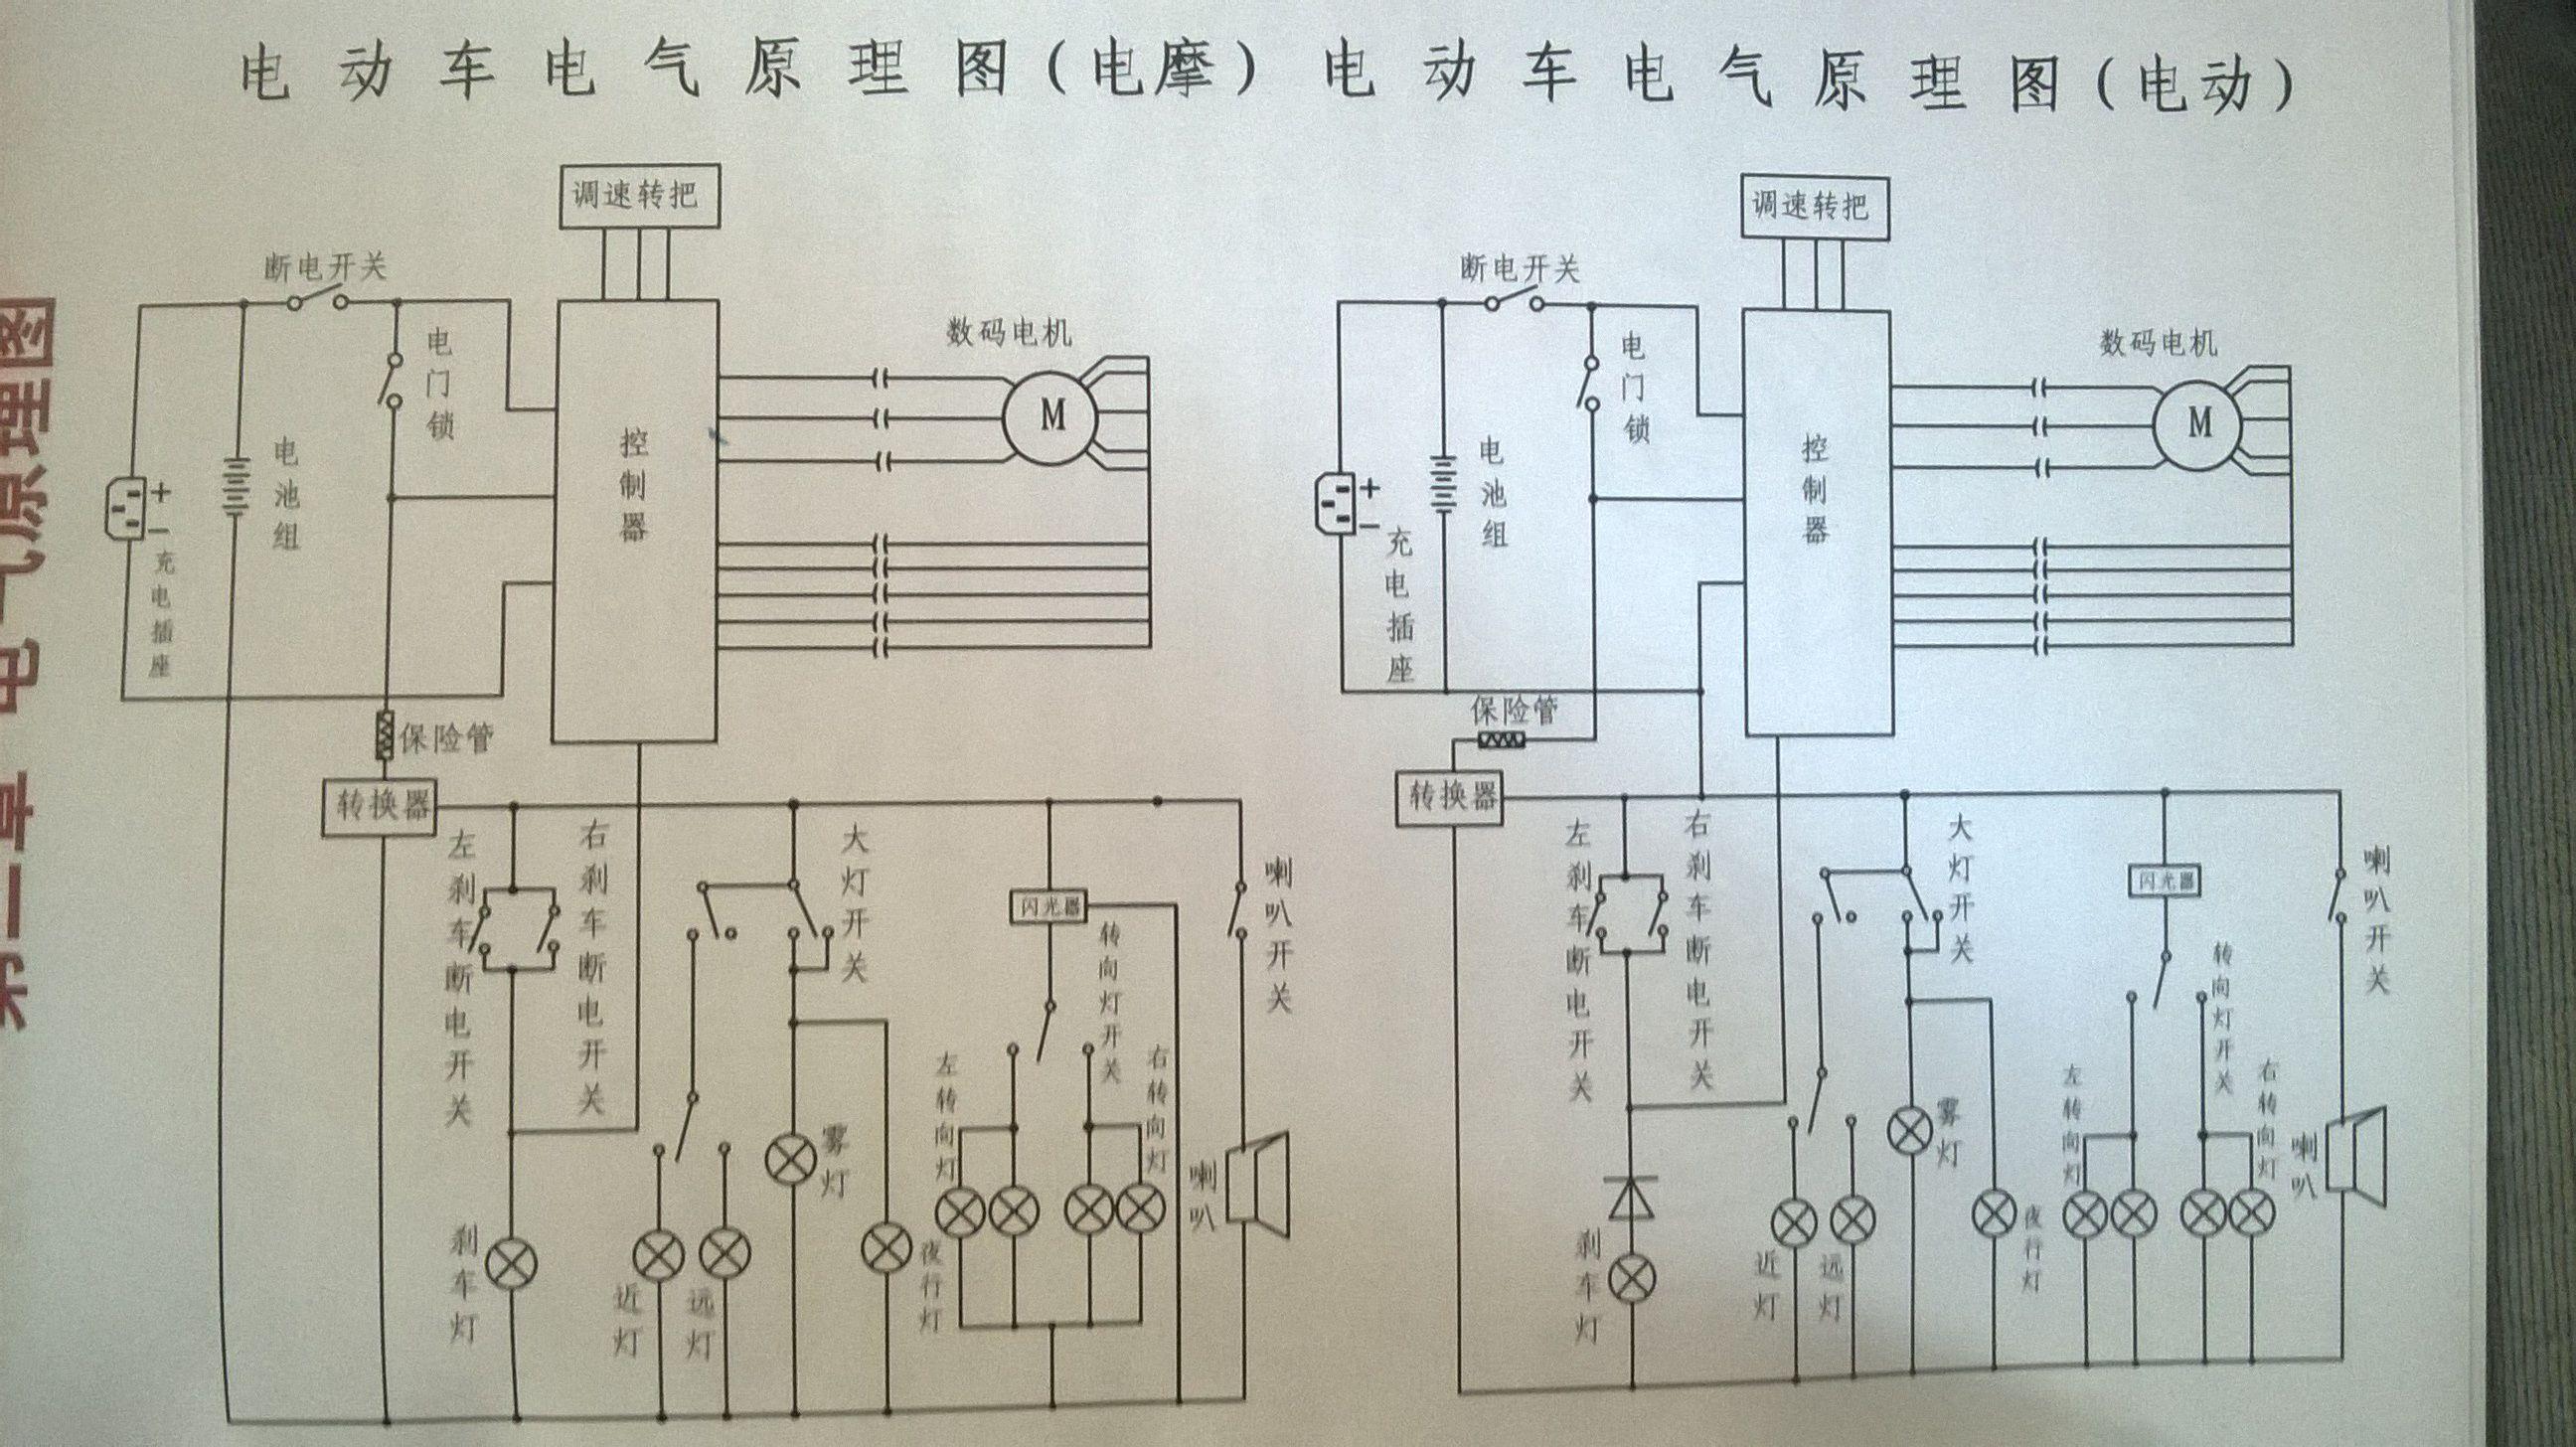 爱玛电动车整车部件线路图